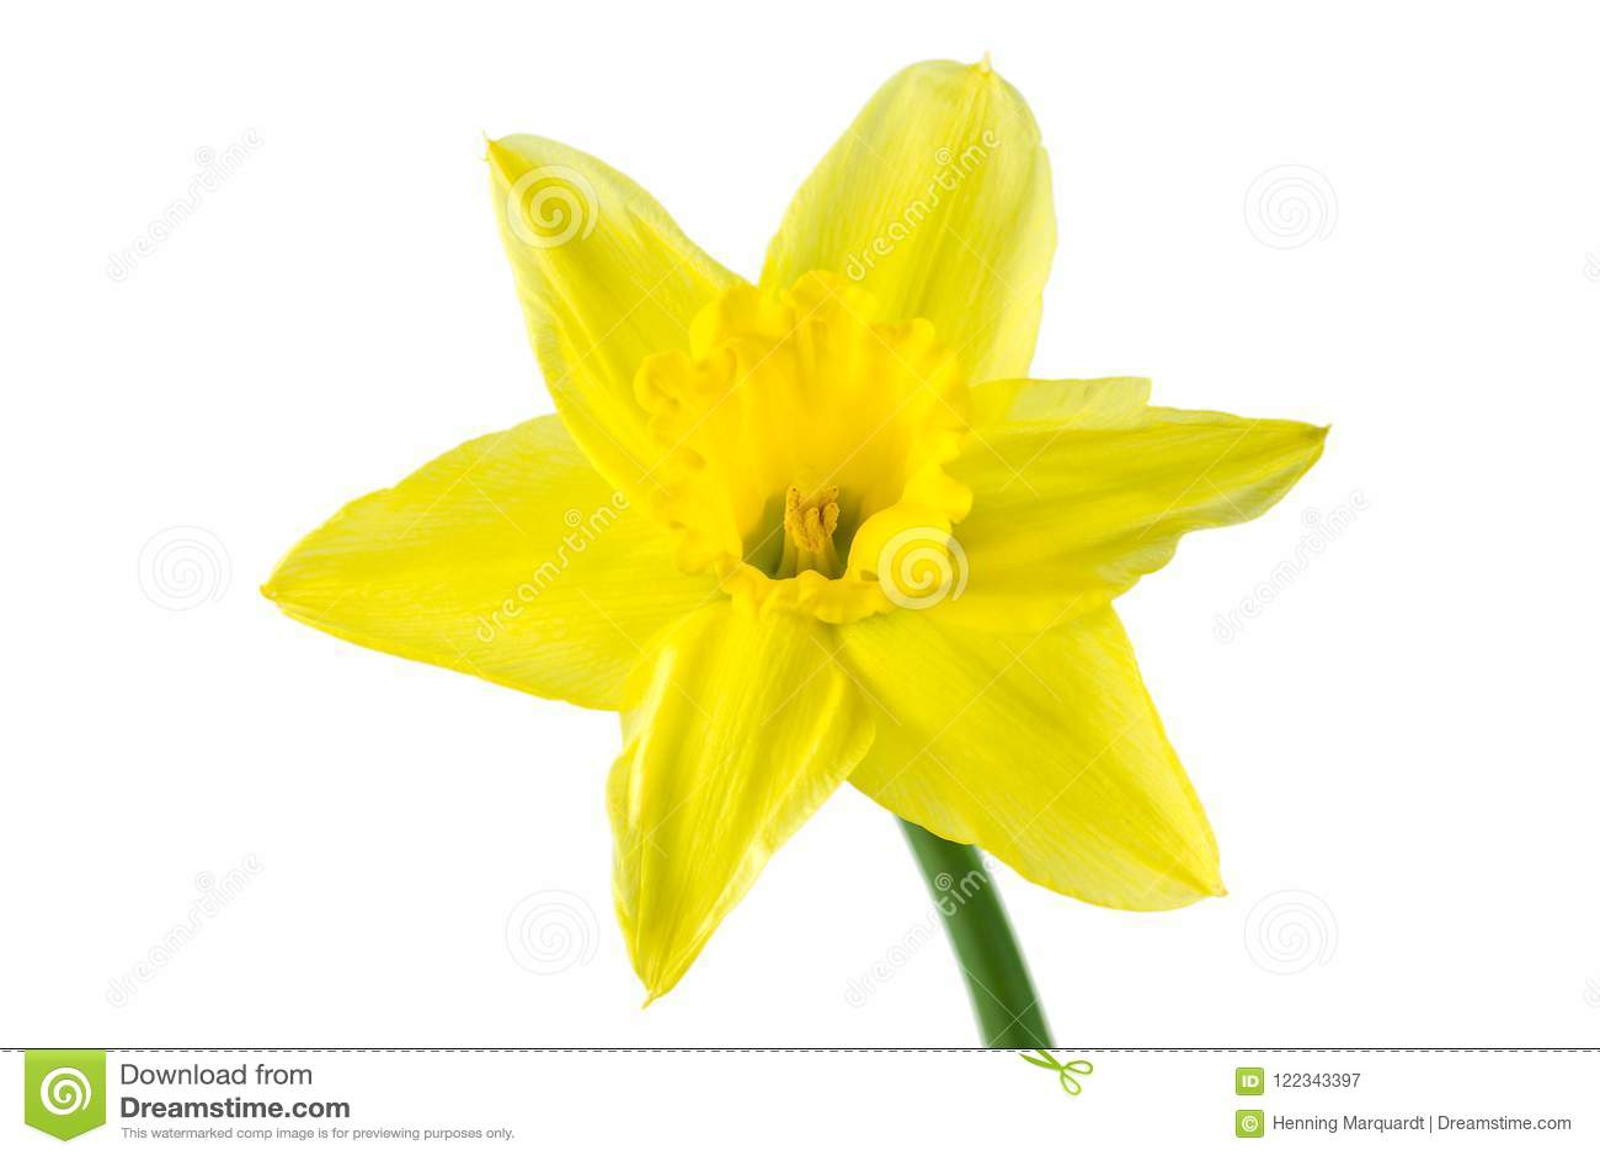 Piękny daffodil kwiat odizolowywający na białym tle